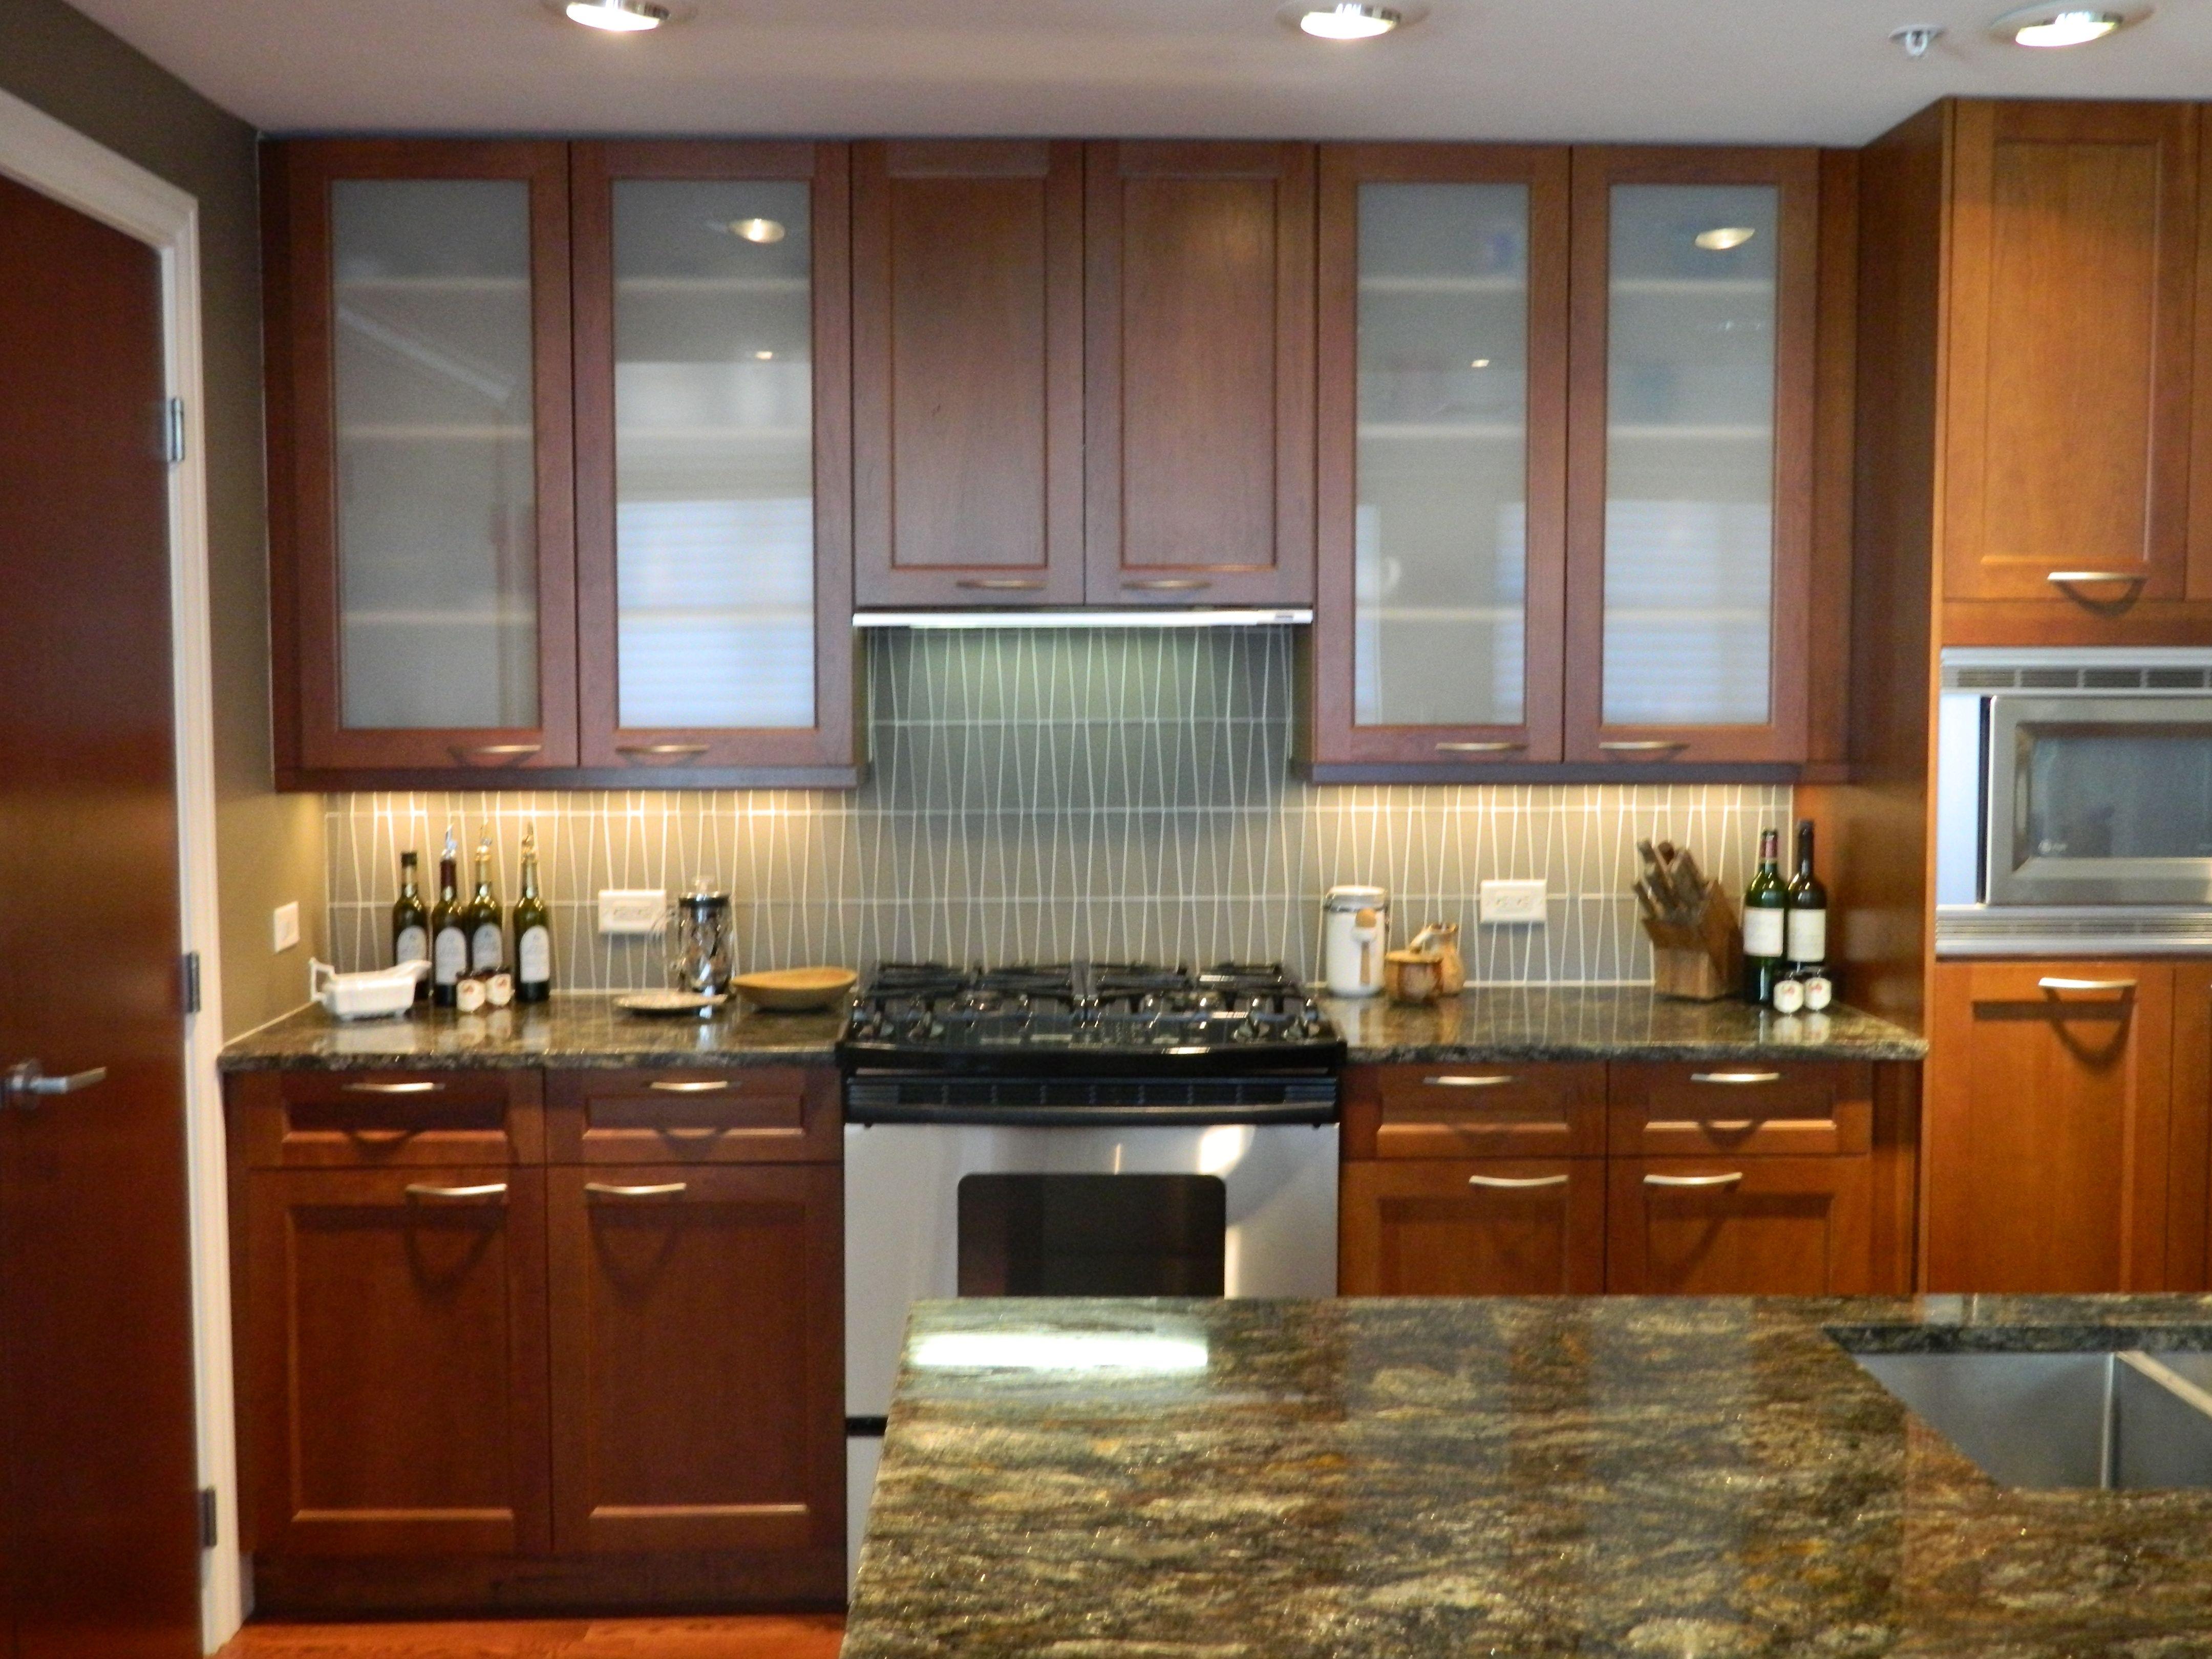 kitchen transformation glass kitchen cabinet doors glass kitchen cabinets kitchen interior on kitchen interior cabinets id=65436